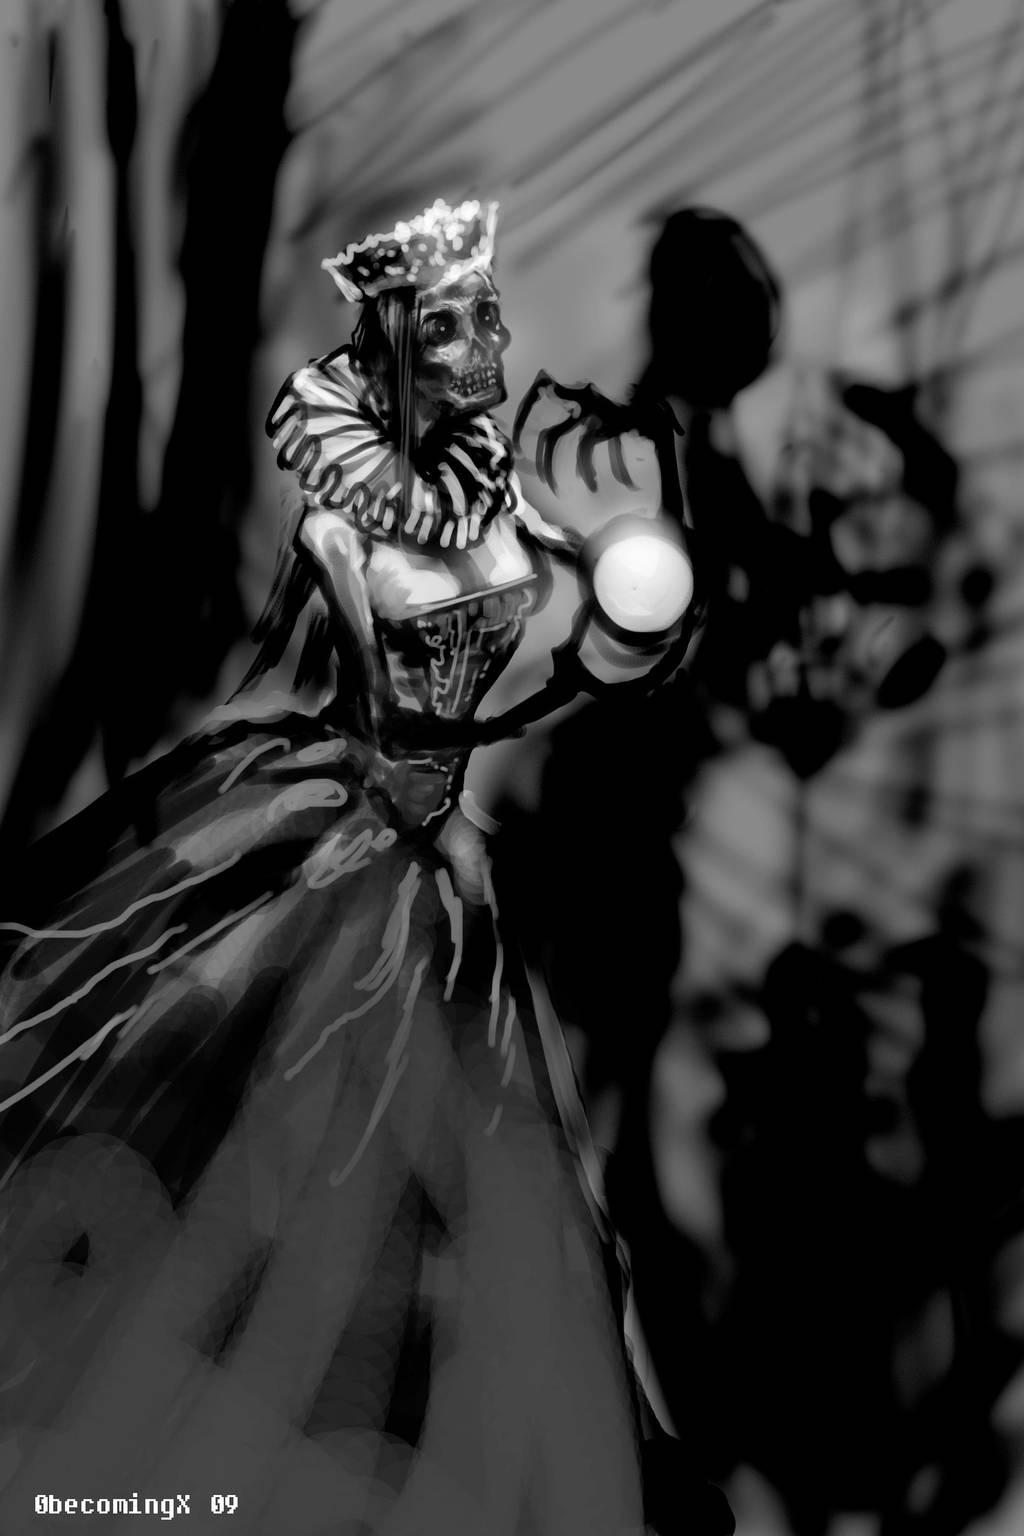 Dead Queen by 0becomingX